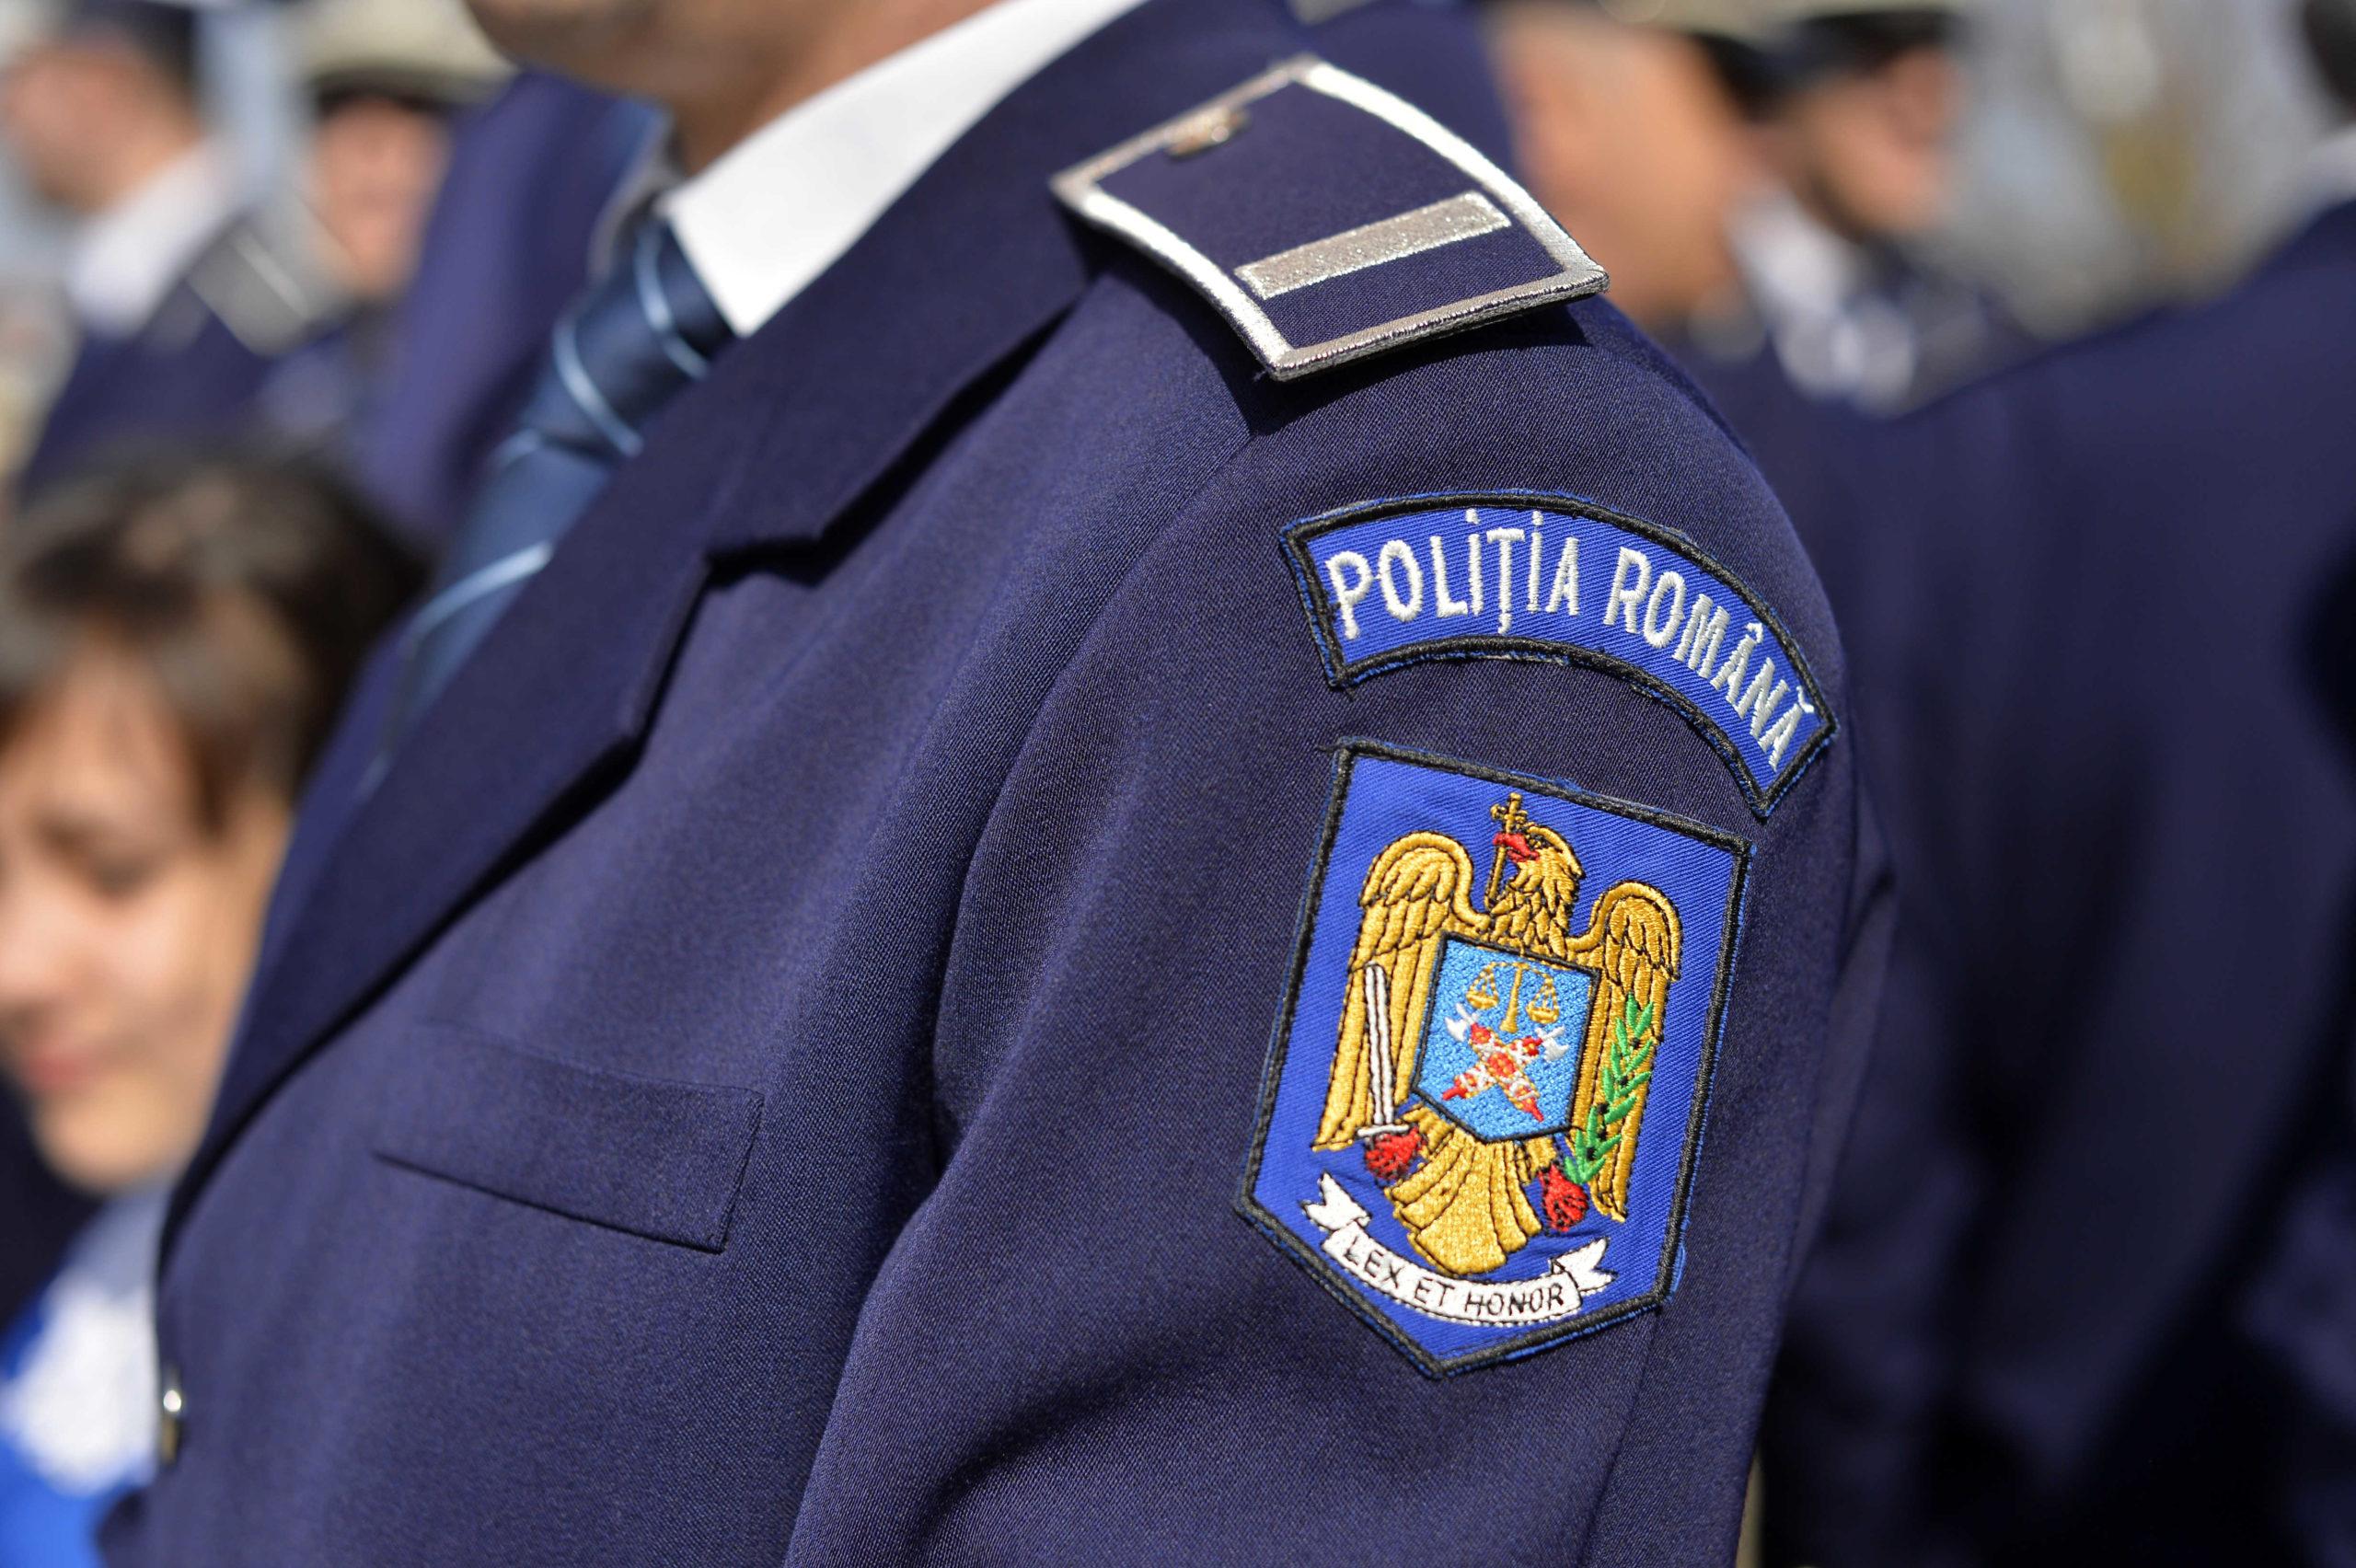 Scandal în ancheta educatoarei ucise în București. Trei polițiști de la Secția 7 au comis abateri grave și riscă să fie demiși